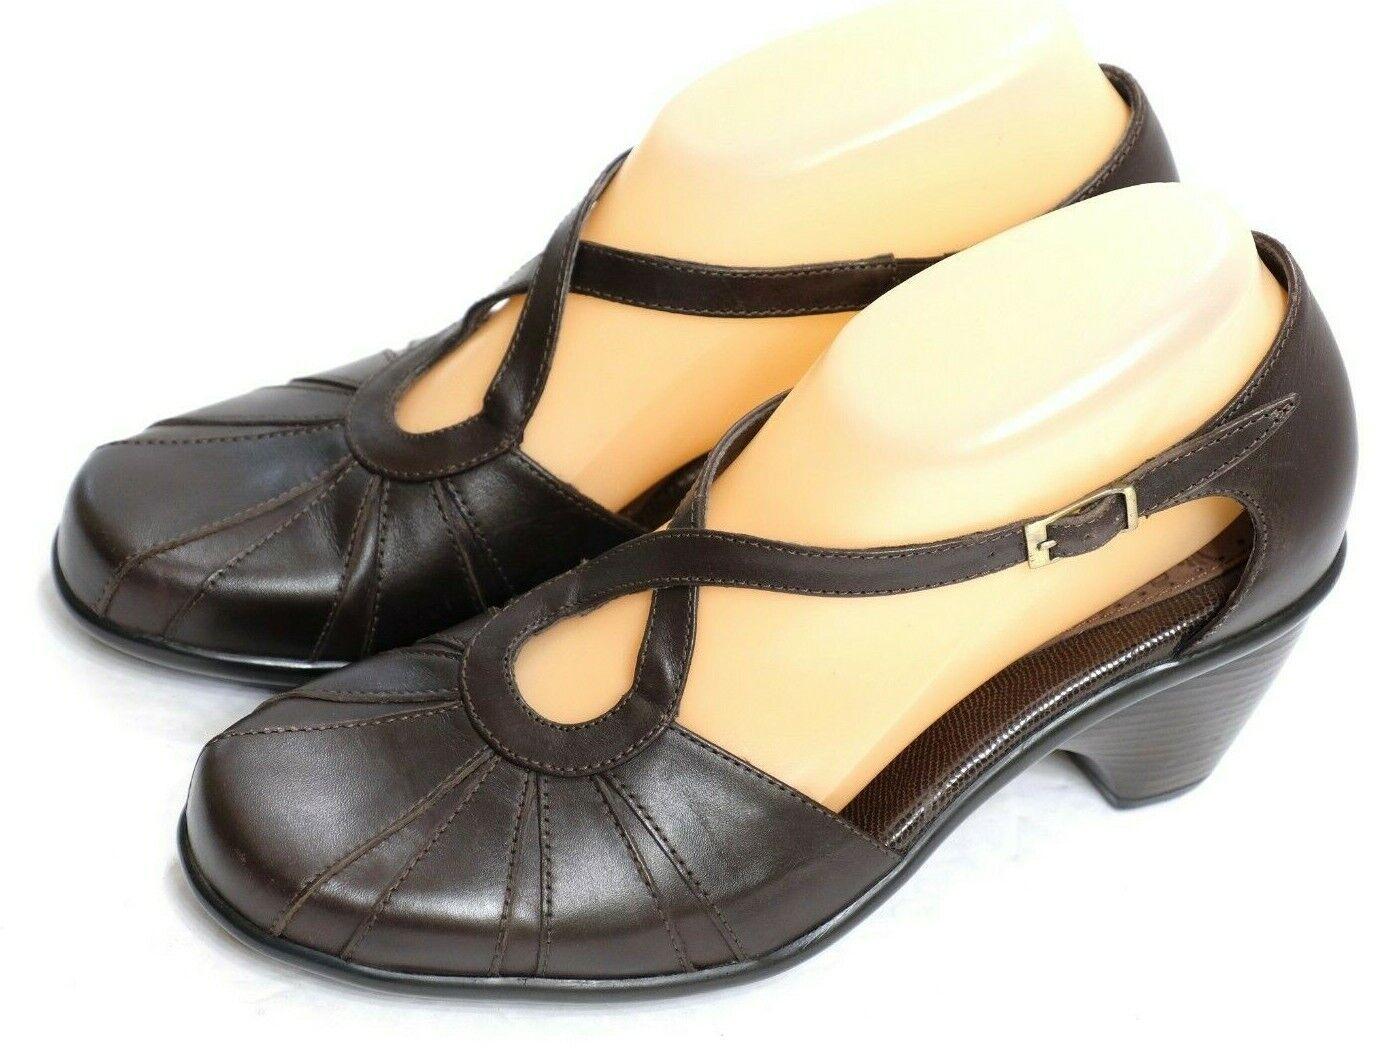 EUC Dansko Women's Size EUR 37 US 6.5-7 Brown Leather Ankle Cross Strap Heels